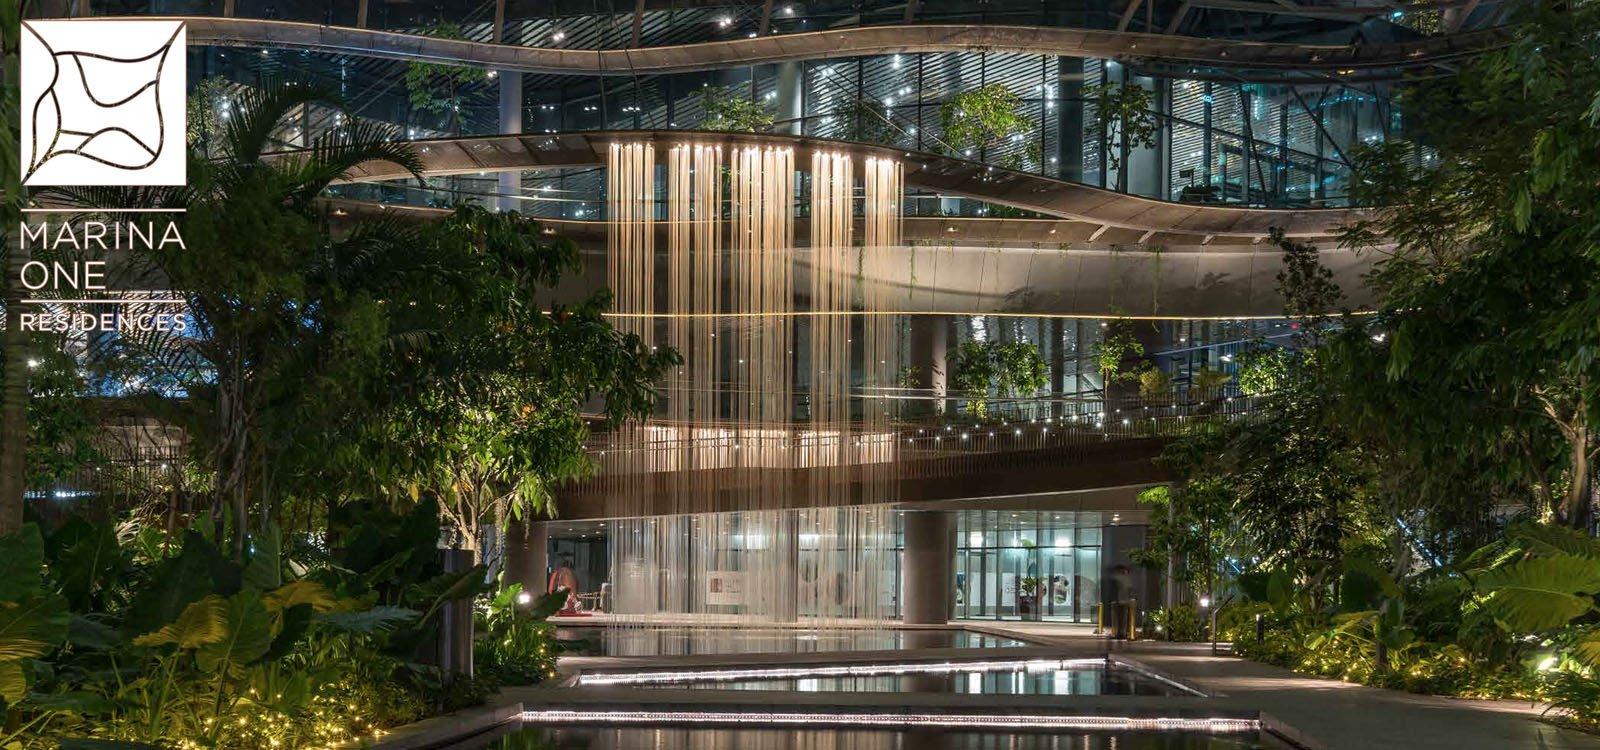 Marina One Residences Landscape